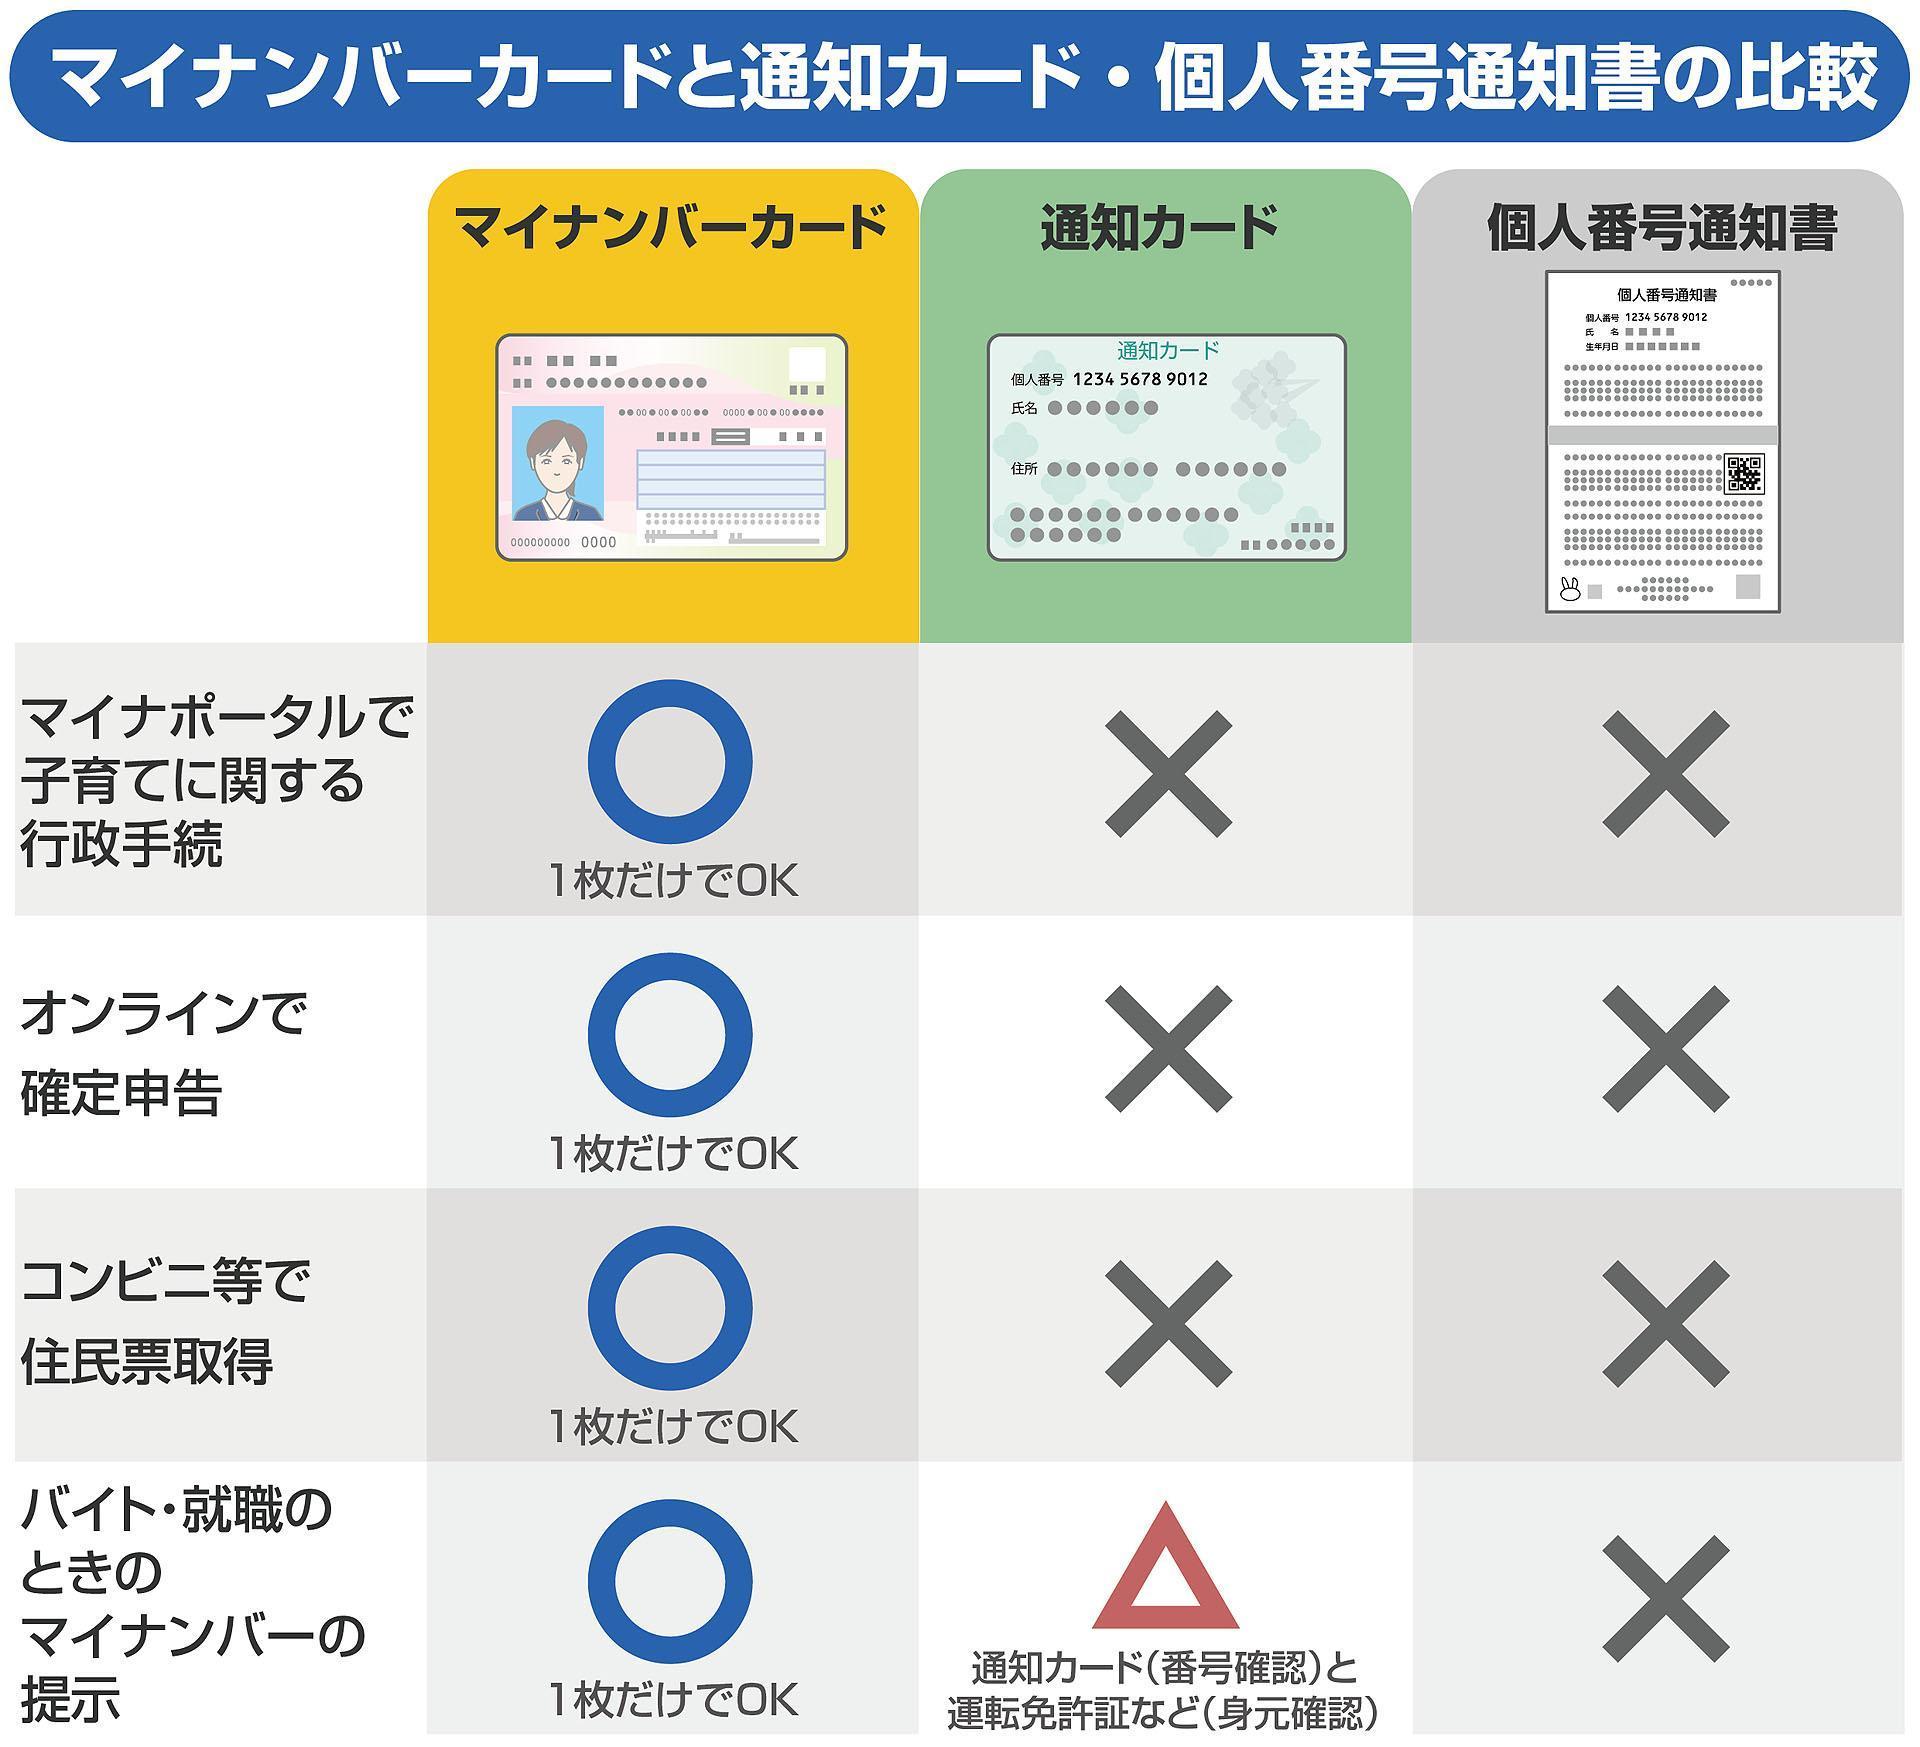 マイナンバーカードと通知カード・個人番号通知書の比較